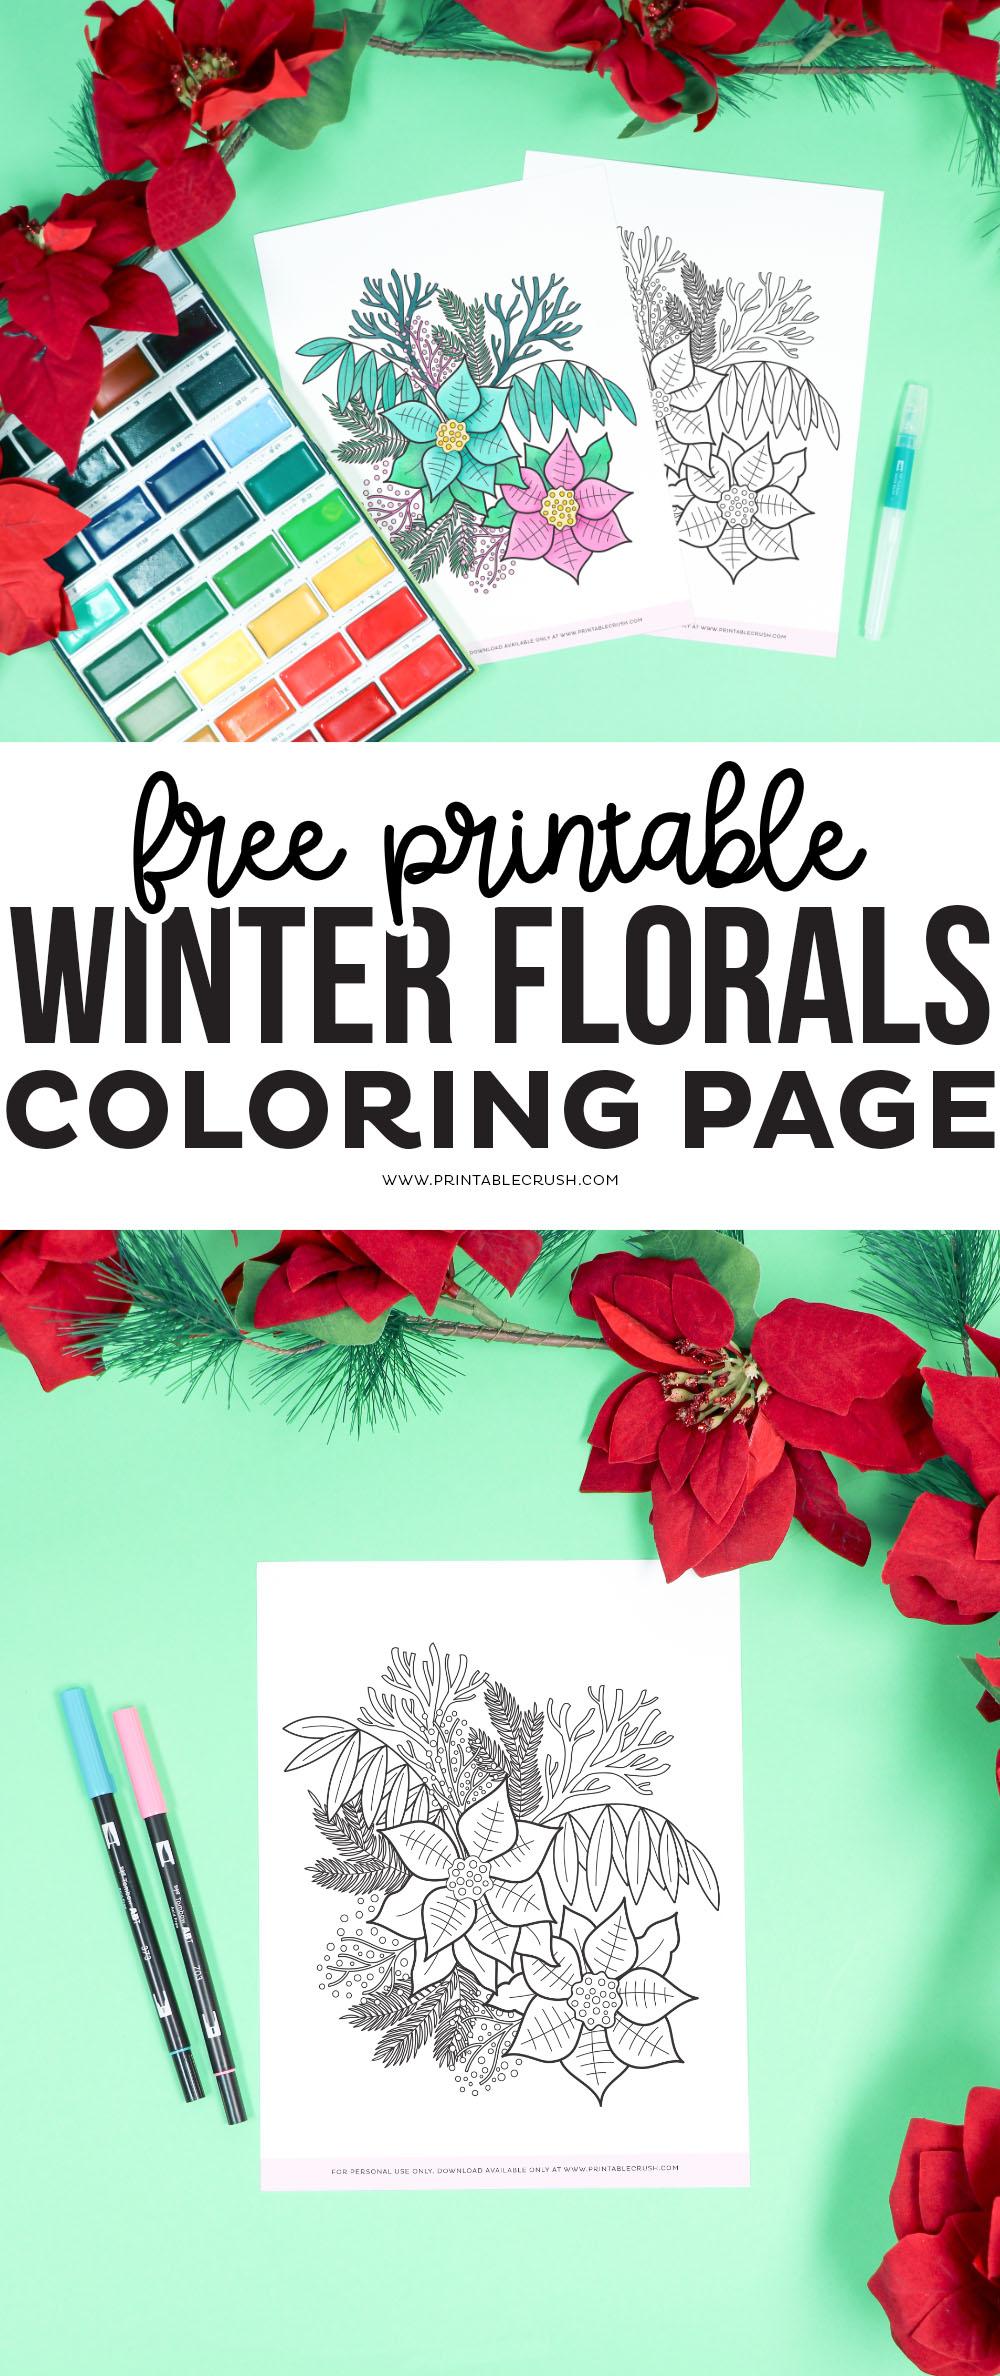 Winter Floral Free Coloring Sheet - free coloring sheet - free winter coloring page - free winter coloring sheet - Printable Crush